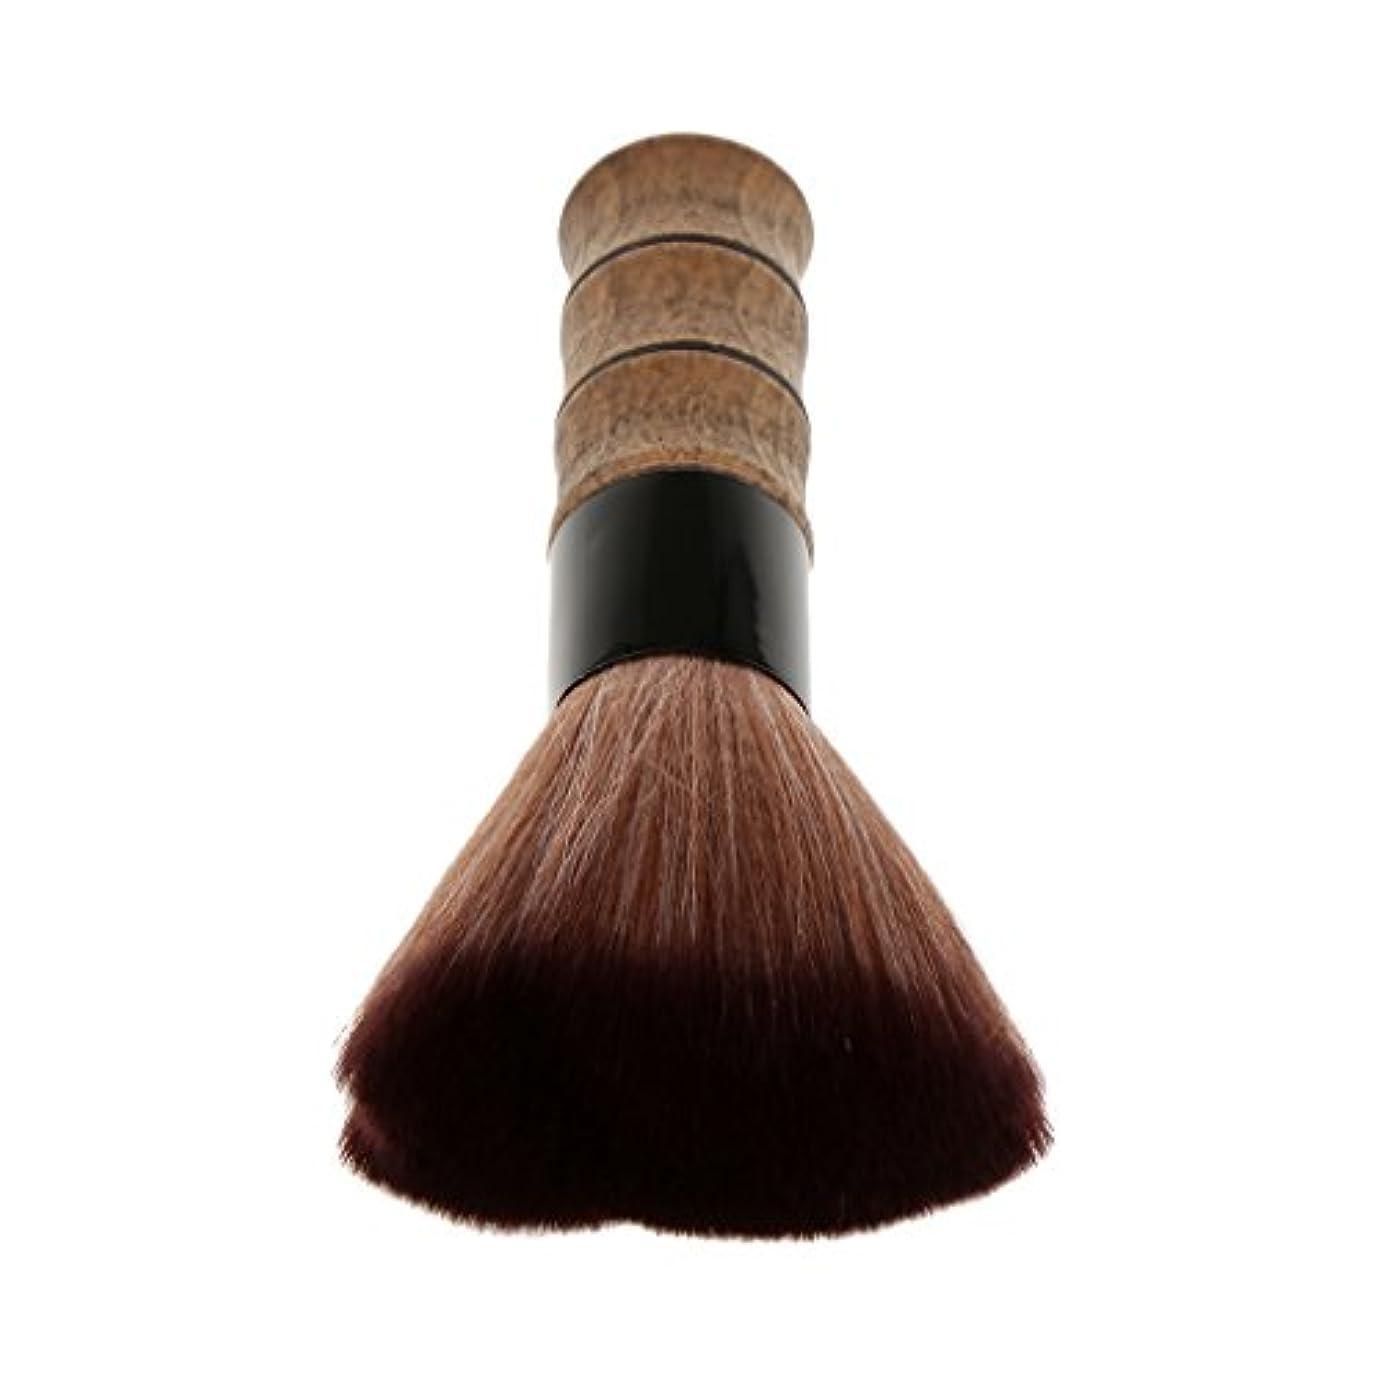 クラッシュ多くの危険がある状況活気づける顔の首の毛の切断の塵の剃るブラシの顔の赤面の粉の構造のブラシ - 褐色